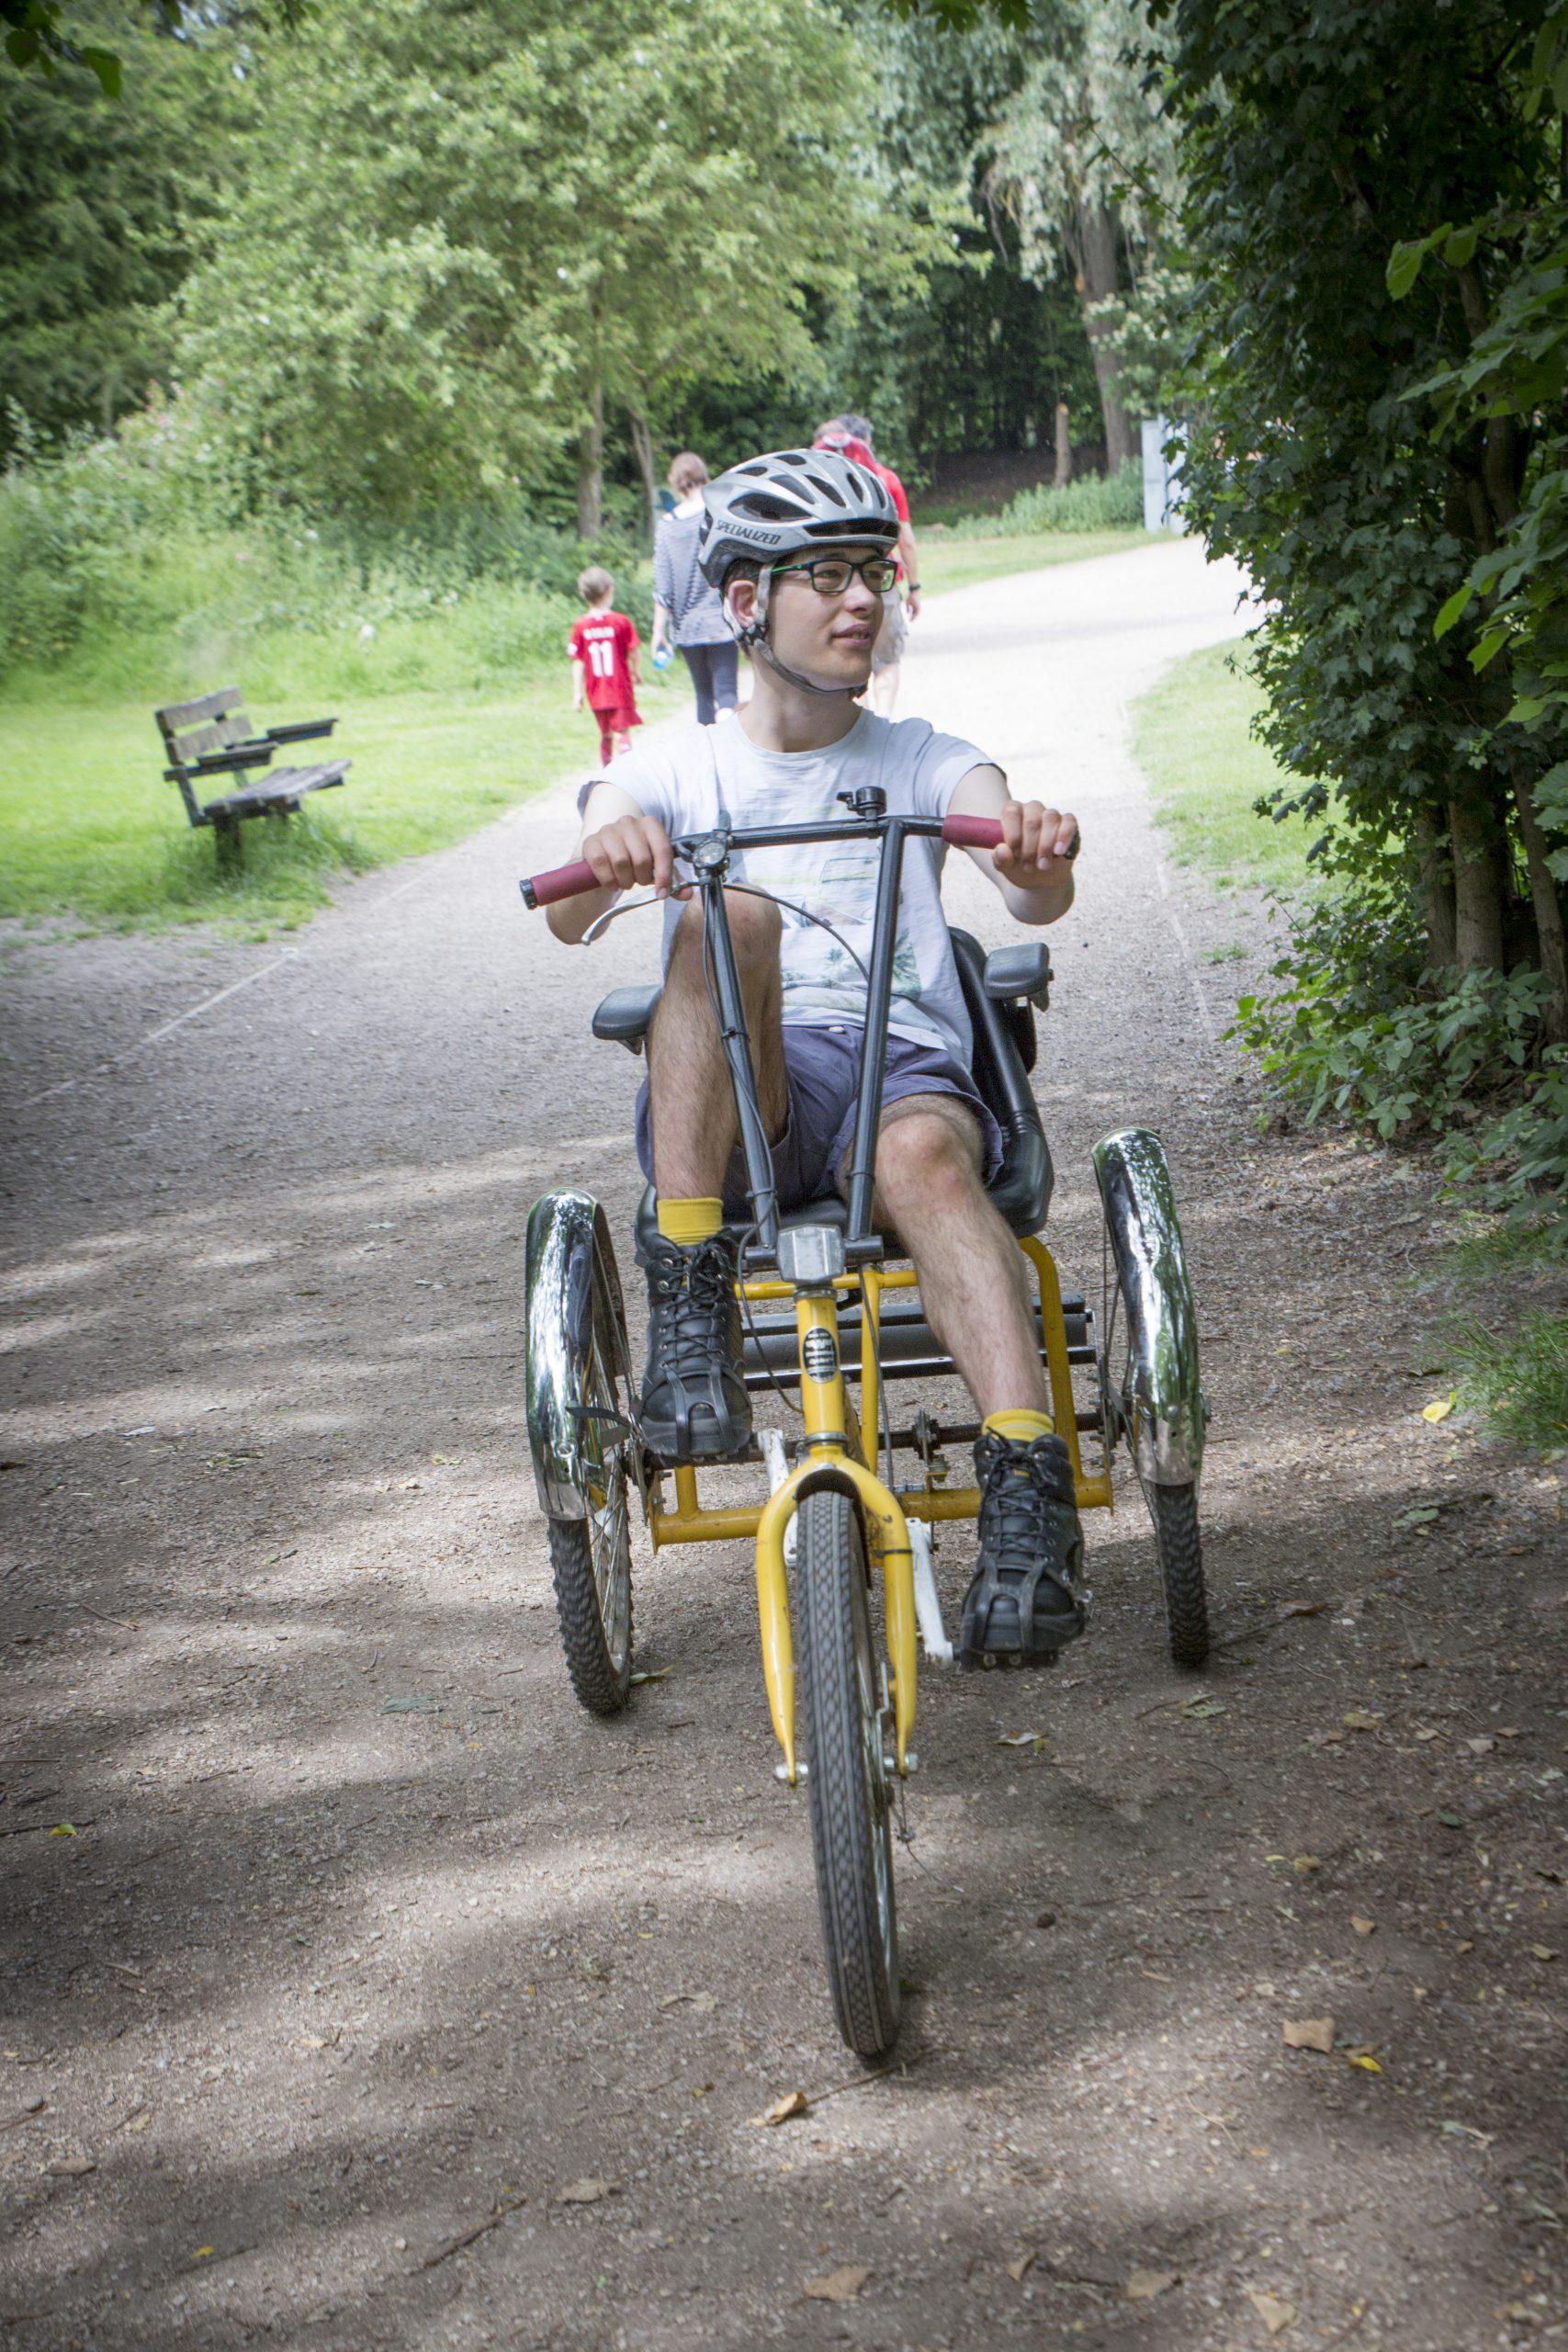 A boy cycling on a trike